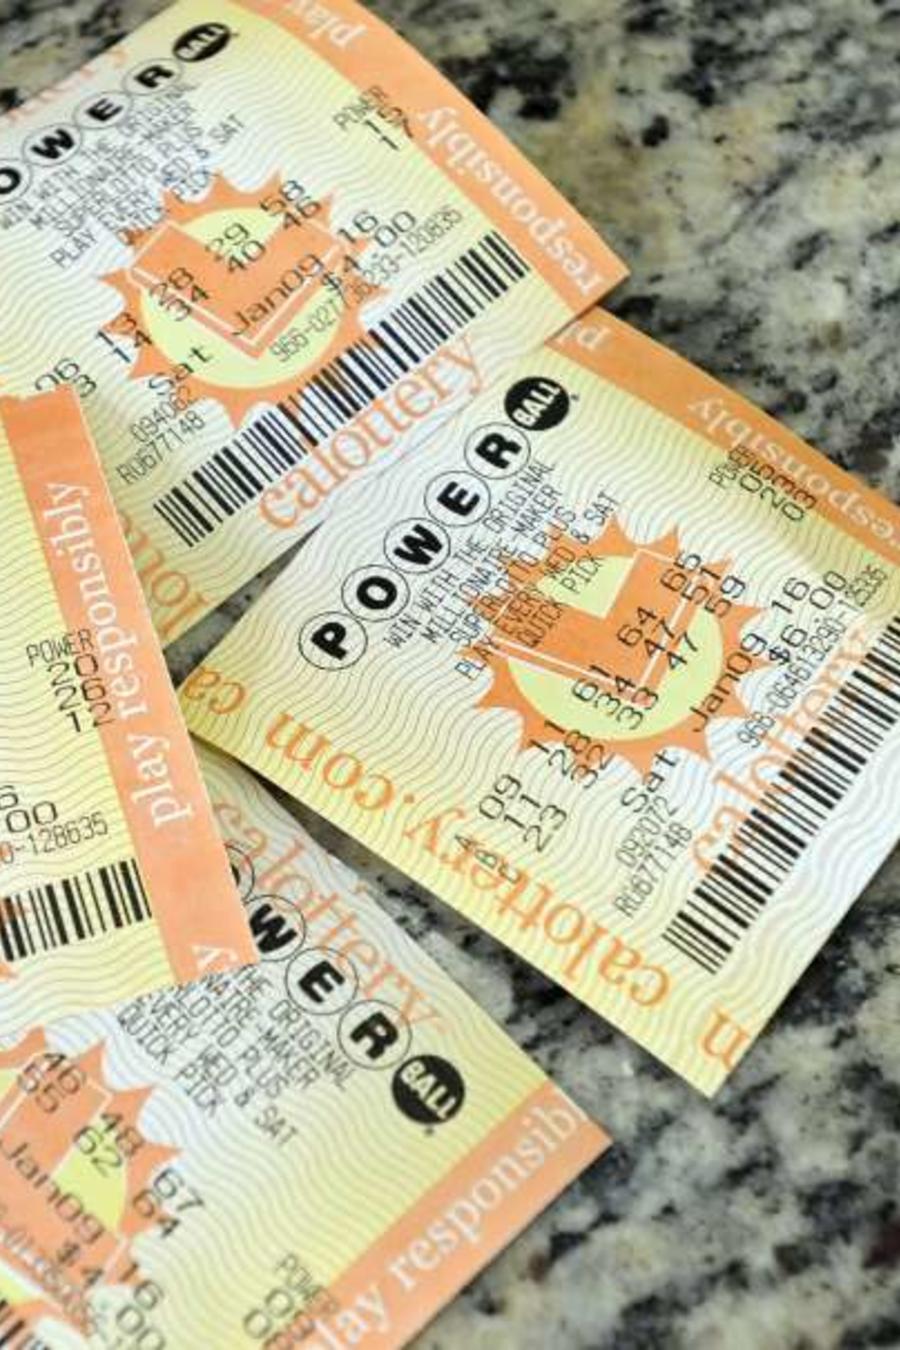 Hallan boleto de lotería que ganó $50,000